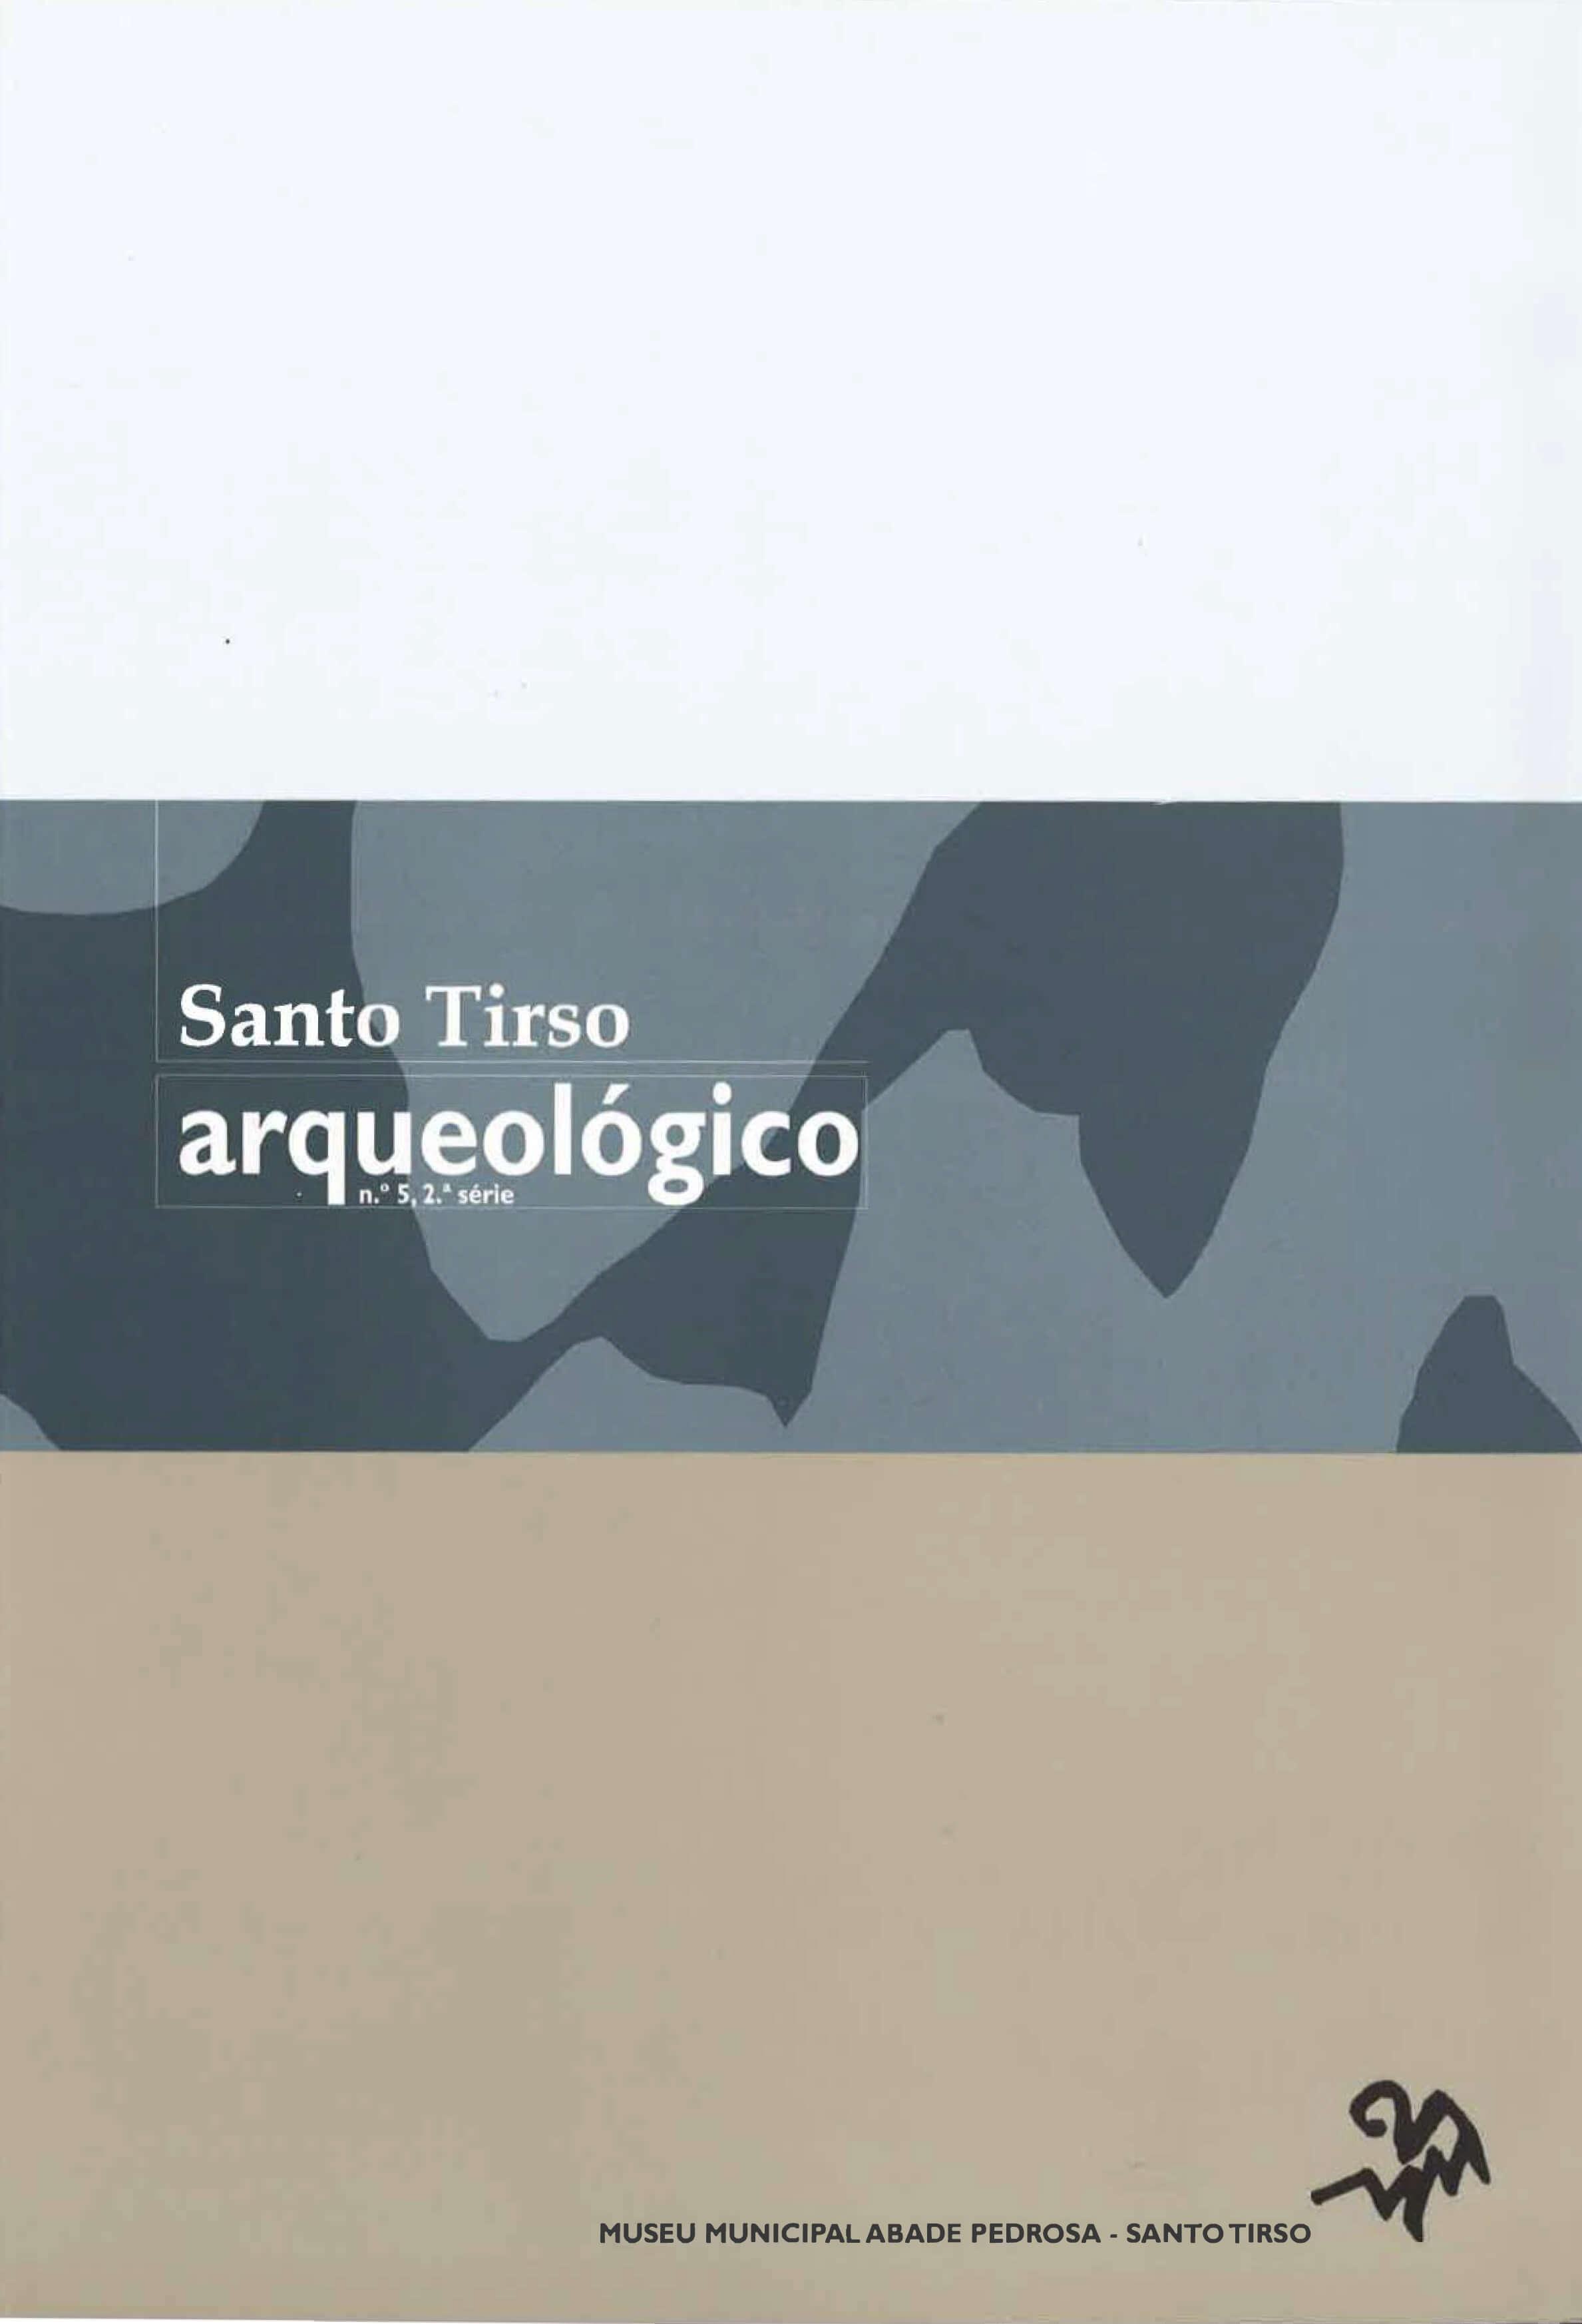 Santo Tirso Arqueológico nº5